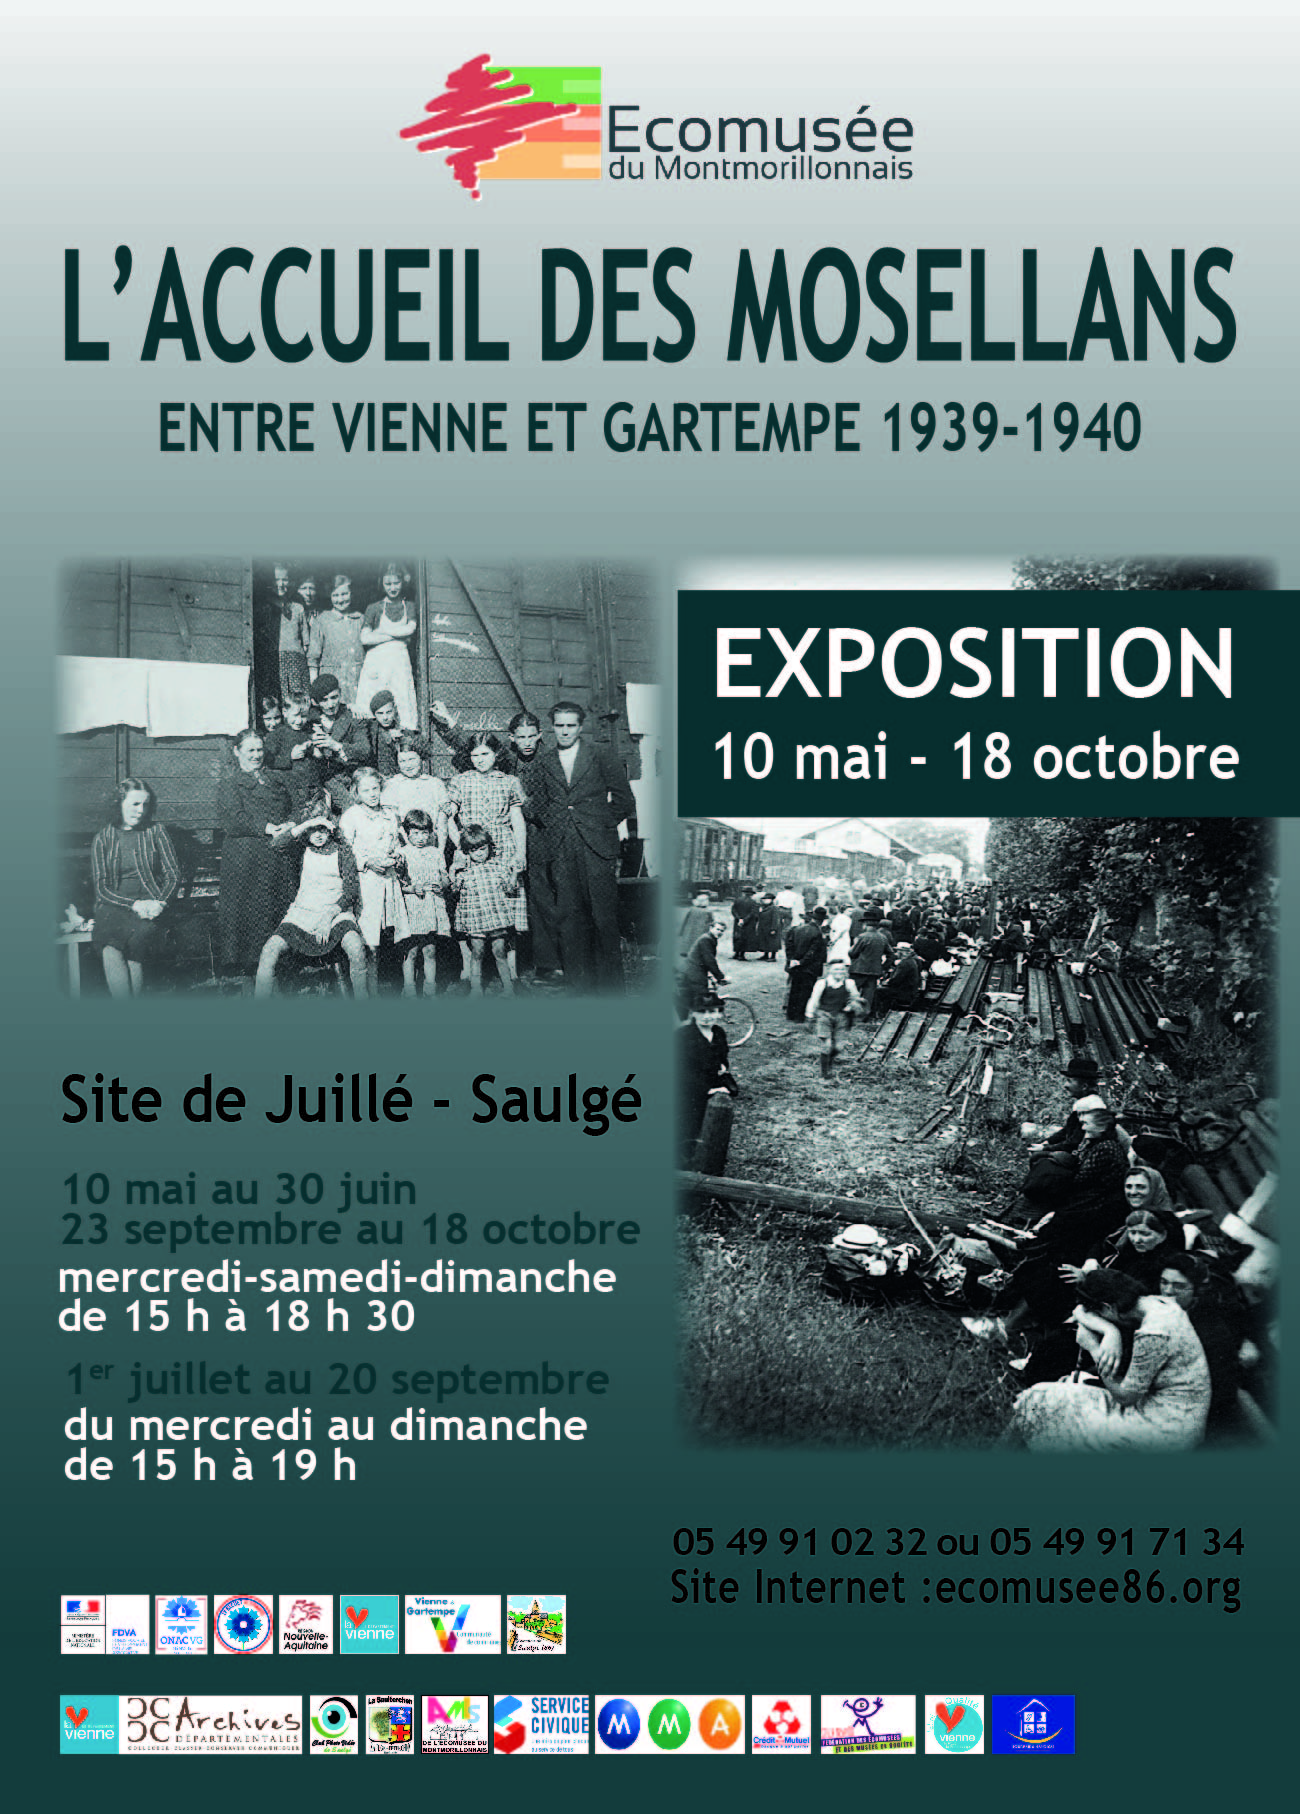 Visite exposition et film sur l'accueil des Mosellans en 1949-1940